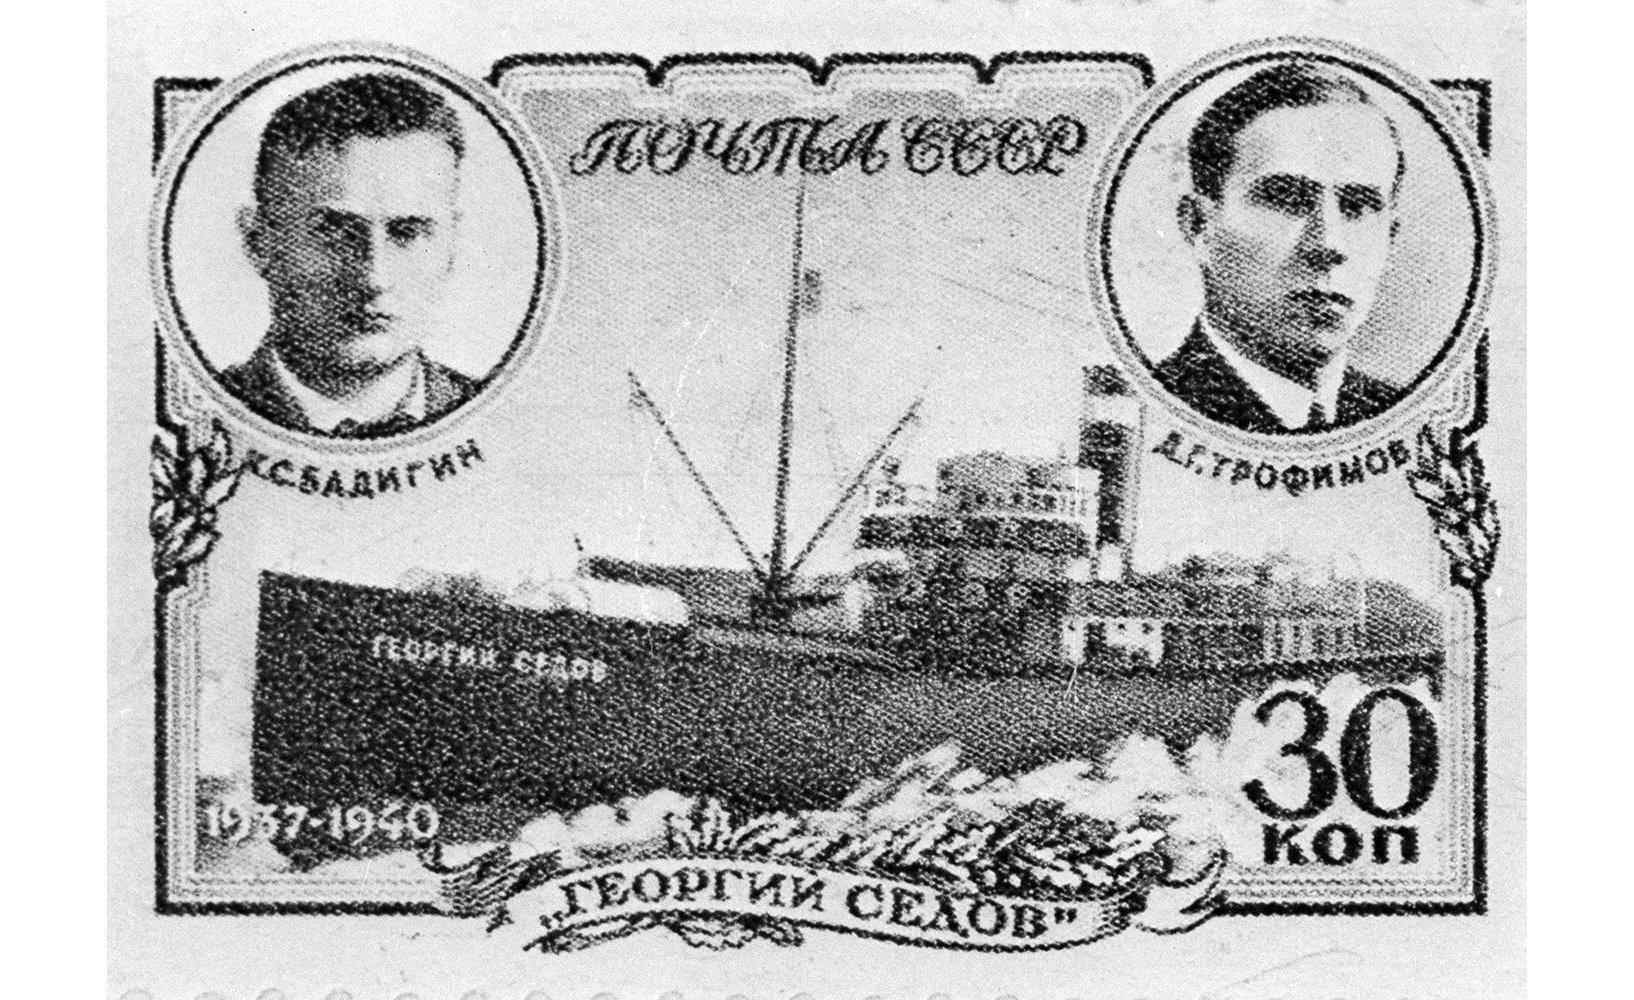 Советская почтовая марка с изображением ледокола Георгий Седов и портретами капитана Константина Бадигина и старшего механика Дмитрия Трофимова